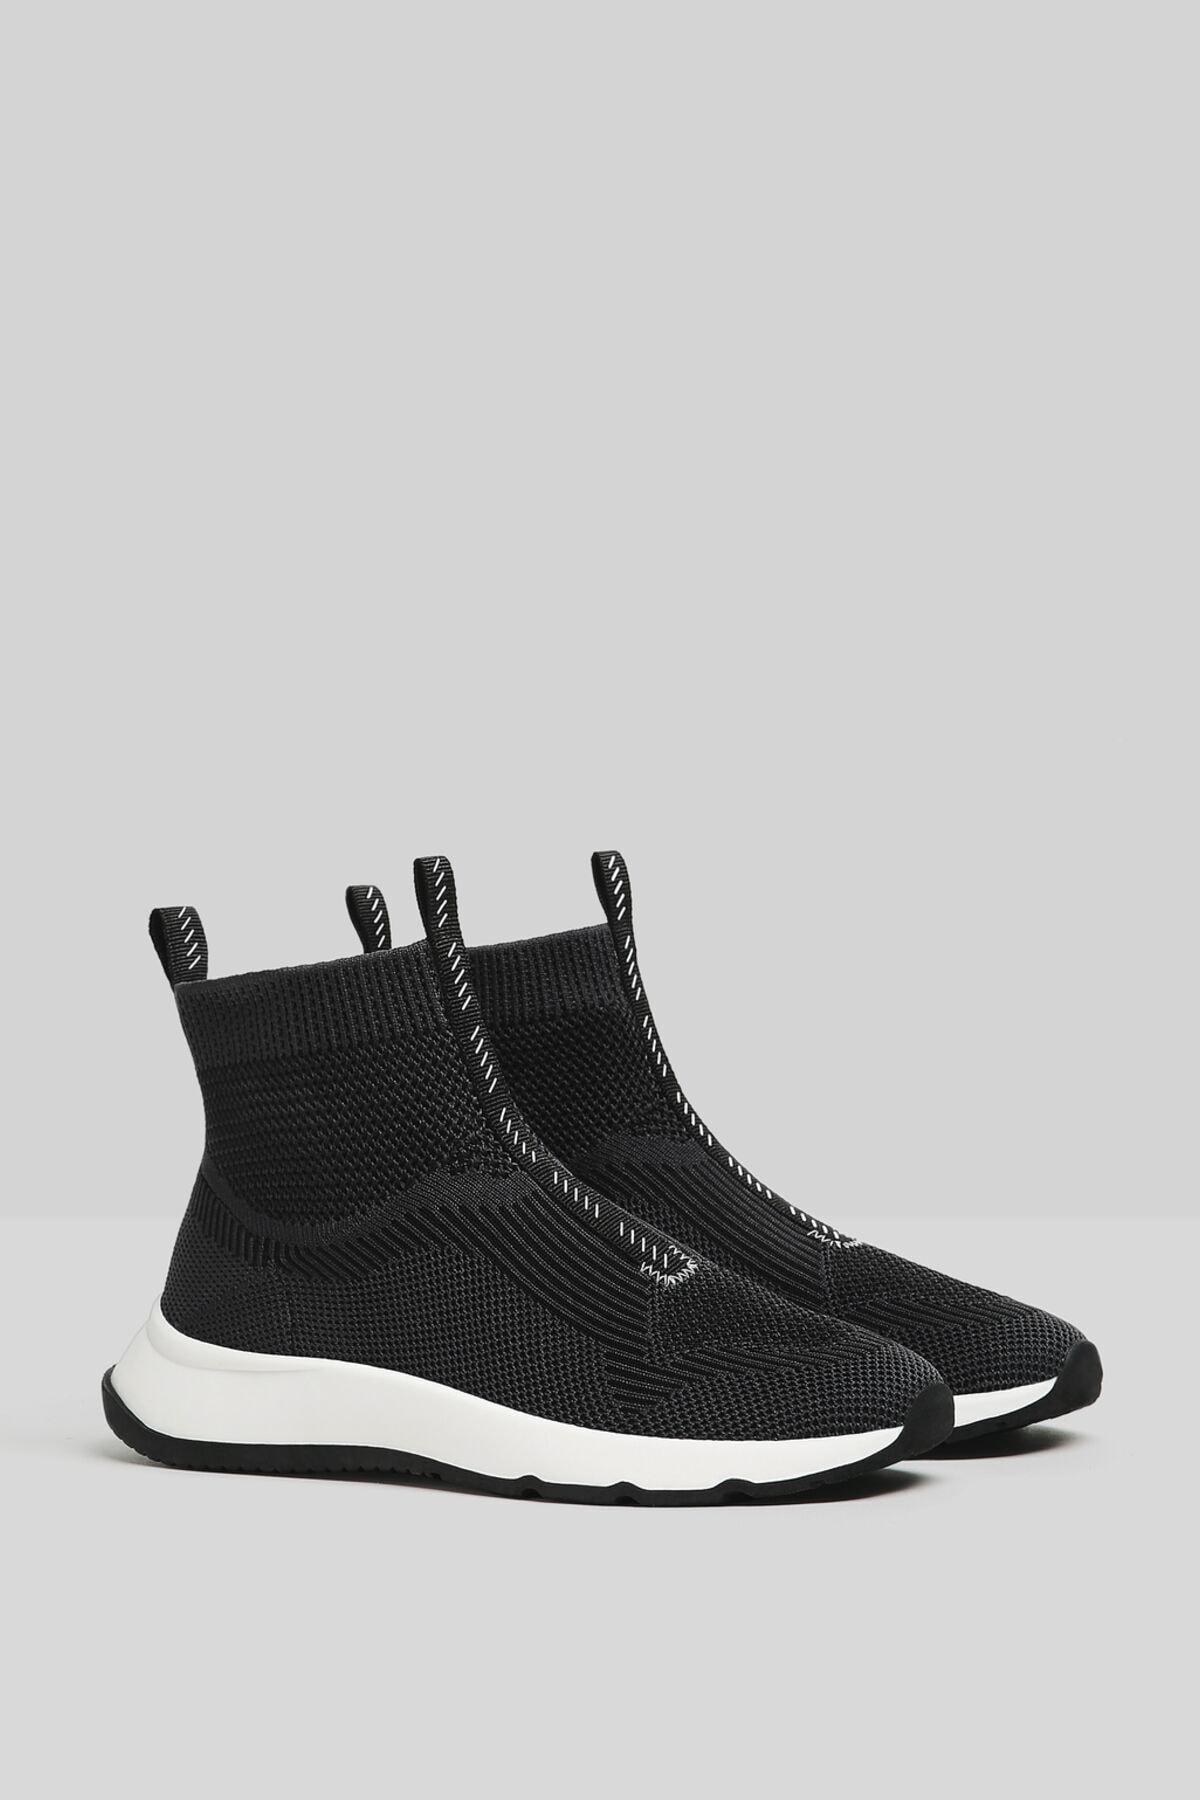 Bershka Kadın Siyah Çorap Model Örgü Yüksek Bilekli Spor Ayakkabı 11510760 2